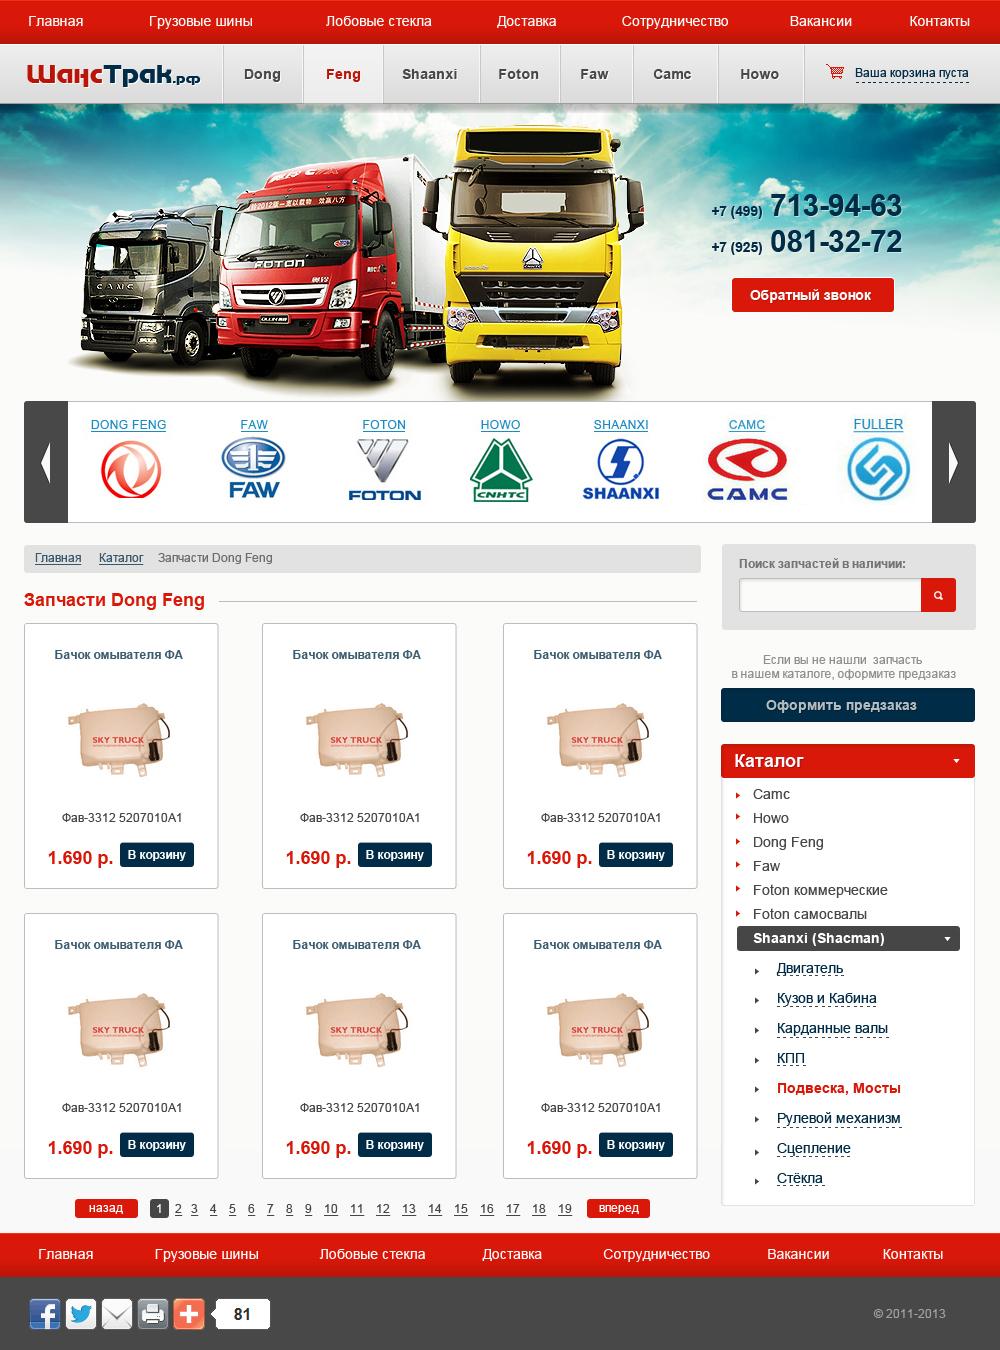 Интернет-магазин по продаже комплектующих для грузовых автомобилей.